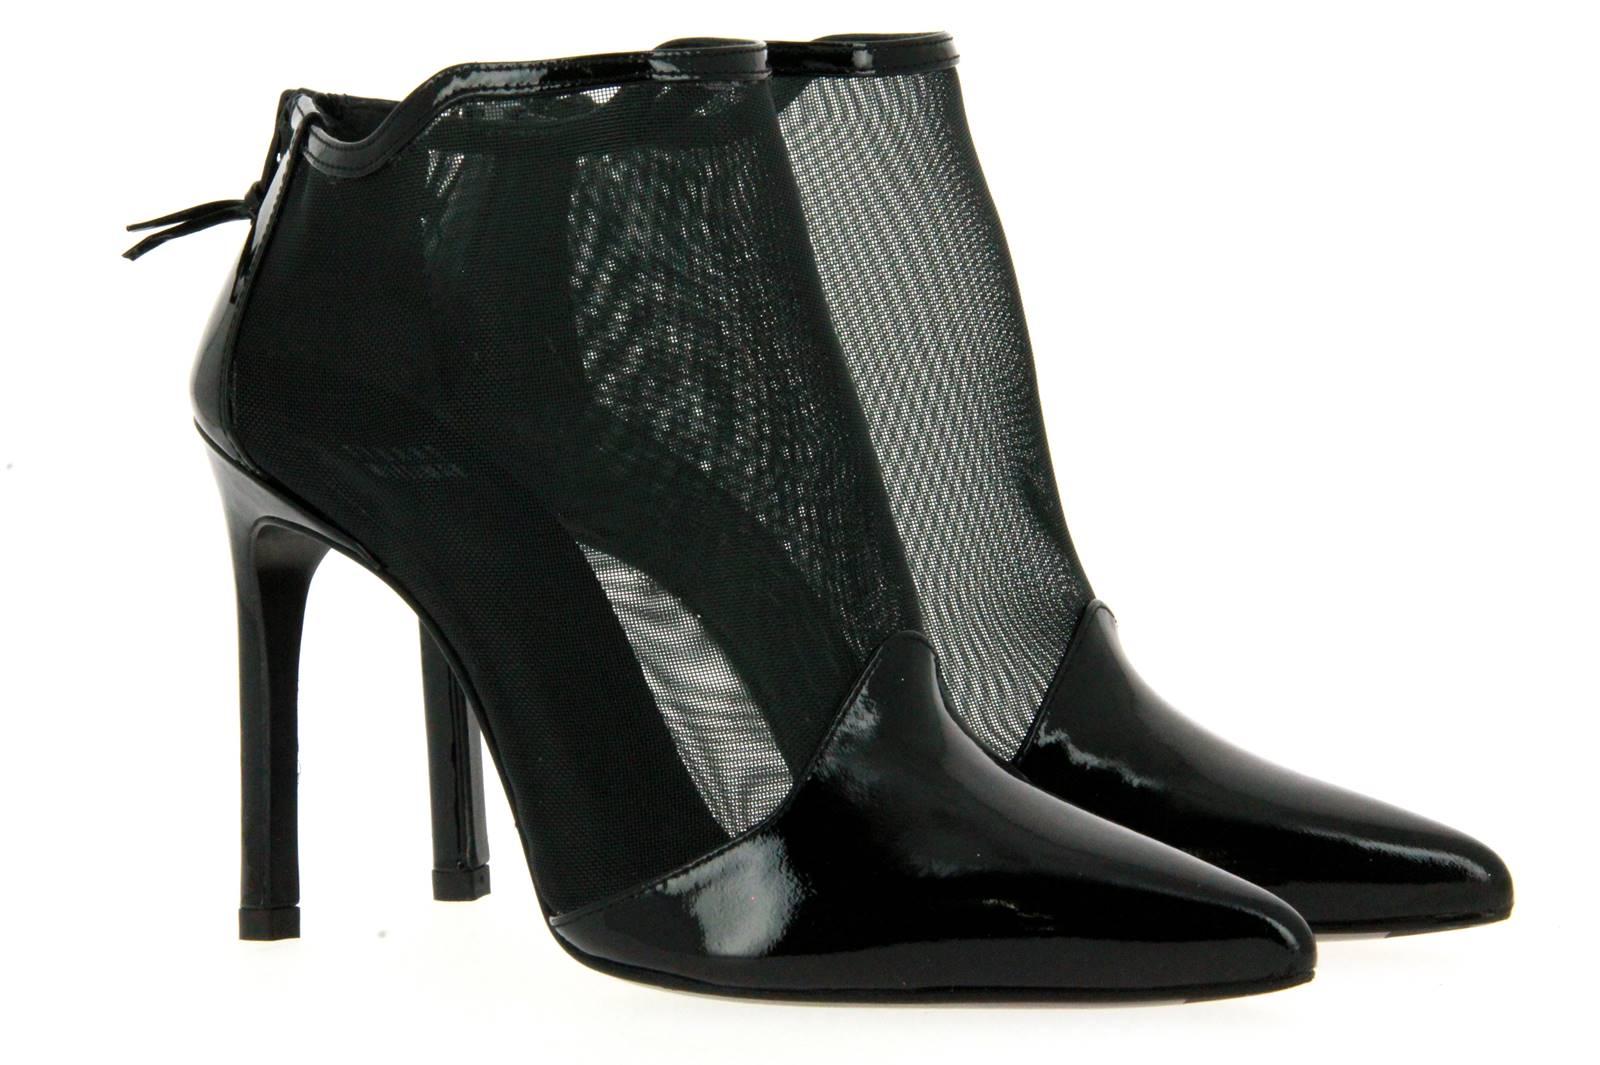 Stuart Weitzman ankle boots RETE BLACK PATENT